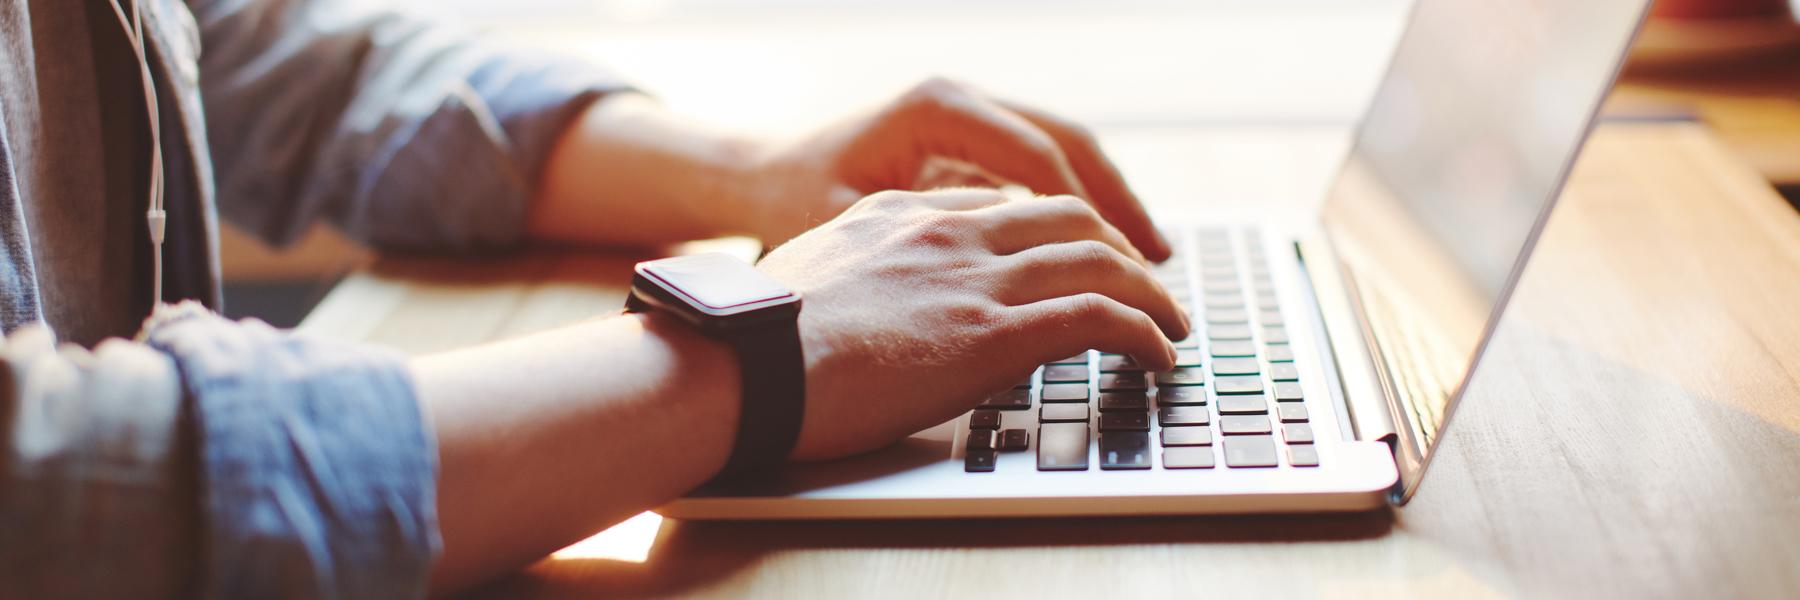 Das Bild zeigt zwei männliche Hände, die etwas am Laptop tippen.